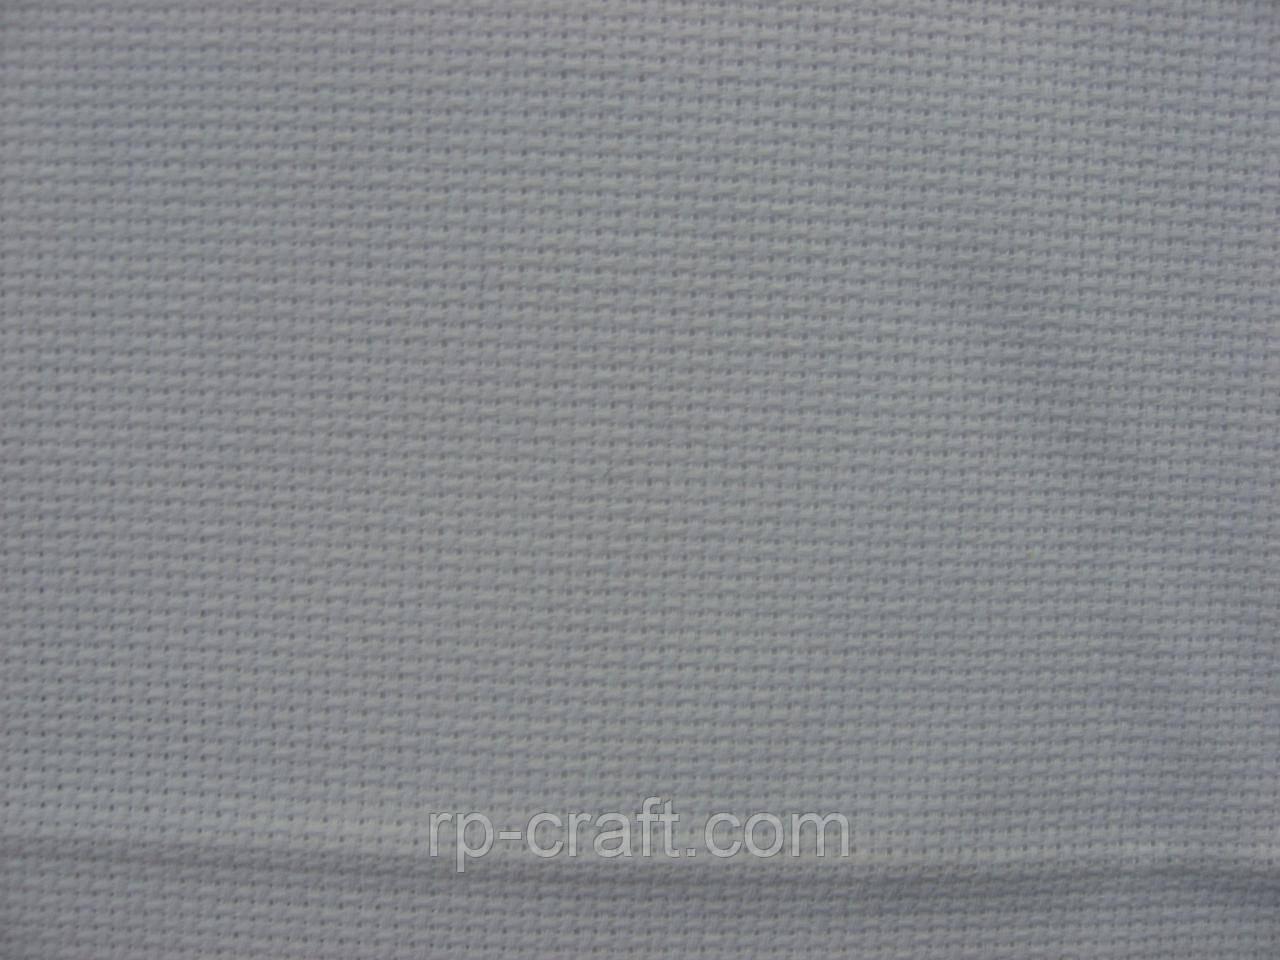 Отрез ткани для вышивки. Аида 16, белая, 35х50 см